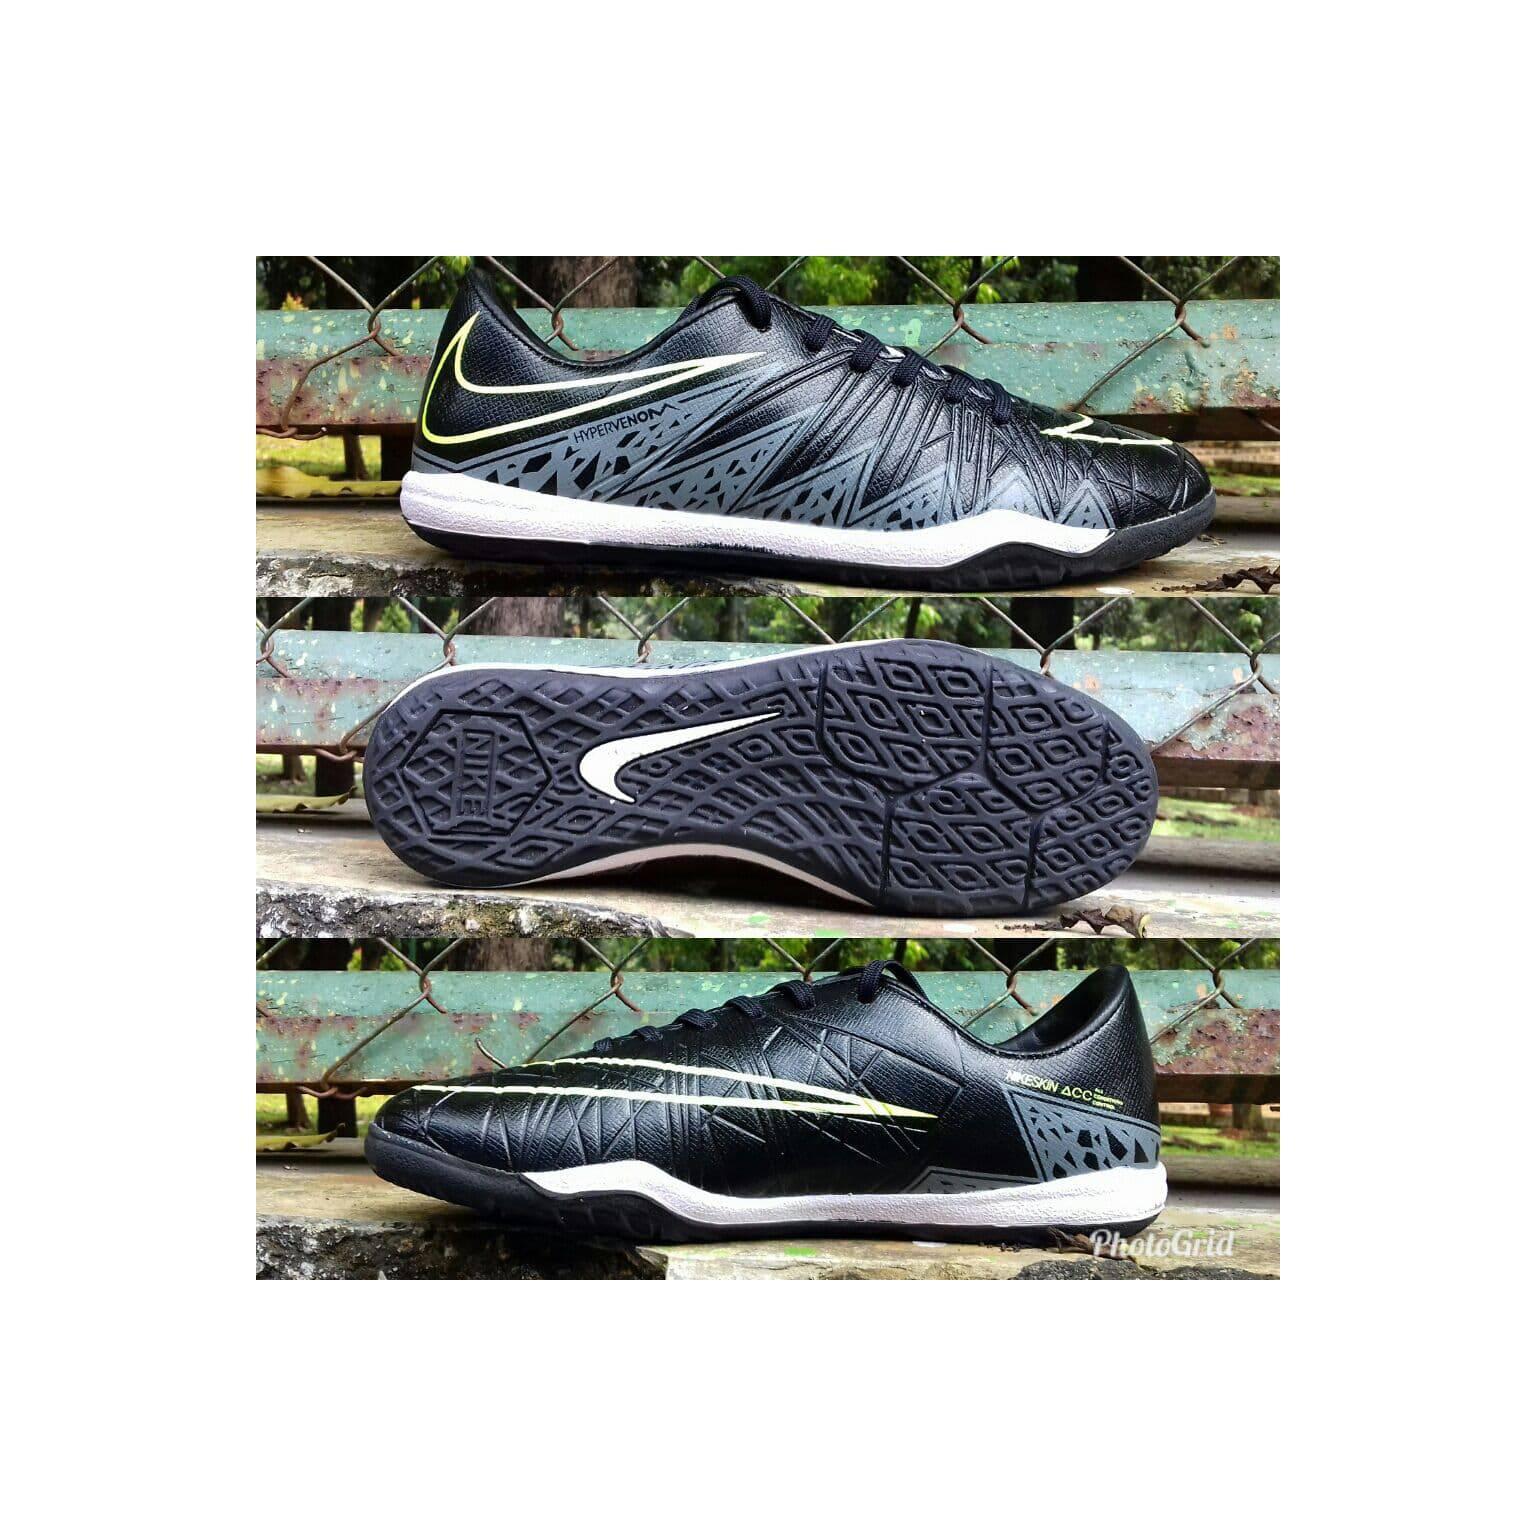 sepatu futsal Nike hypervenom hitam list grey sol karet